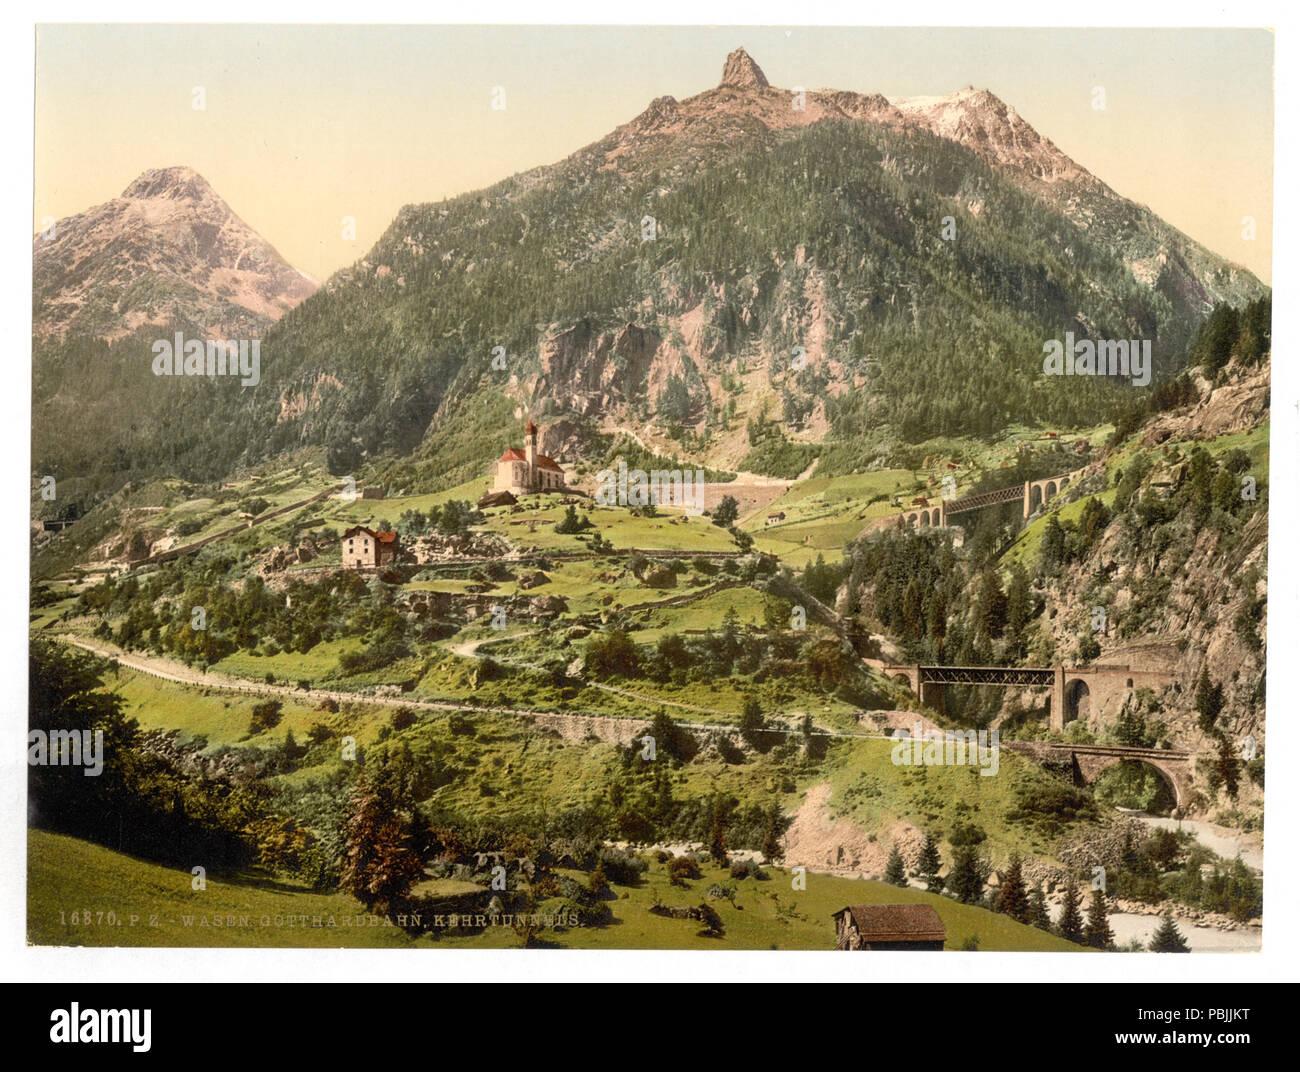 1835 Wassen, die Tunnel, St. Gotthard Bahn, Schweiz - LCCN 2001703203 Stockfoto